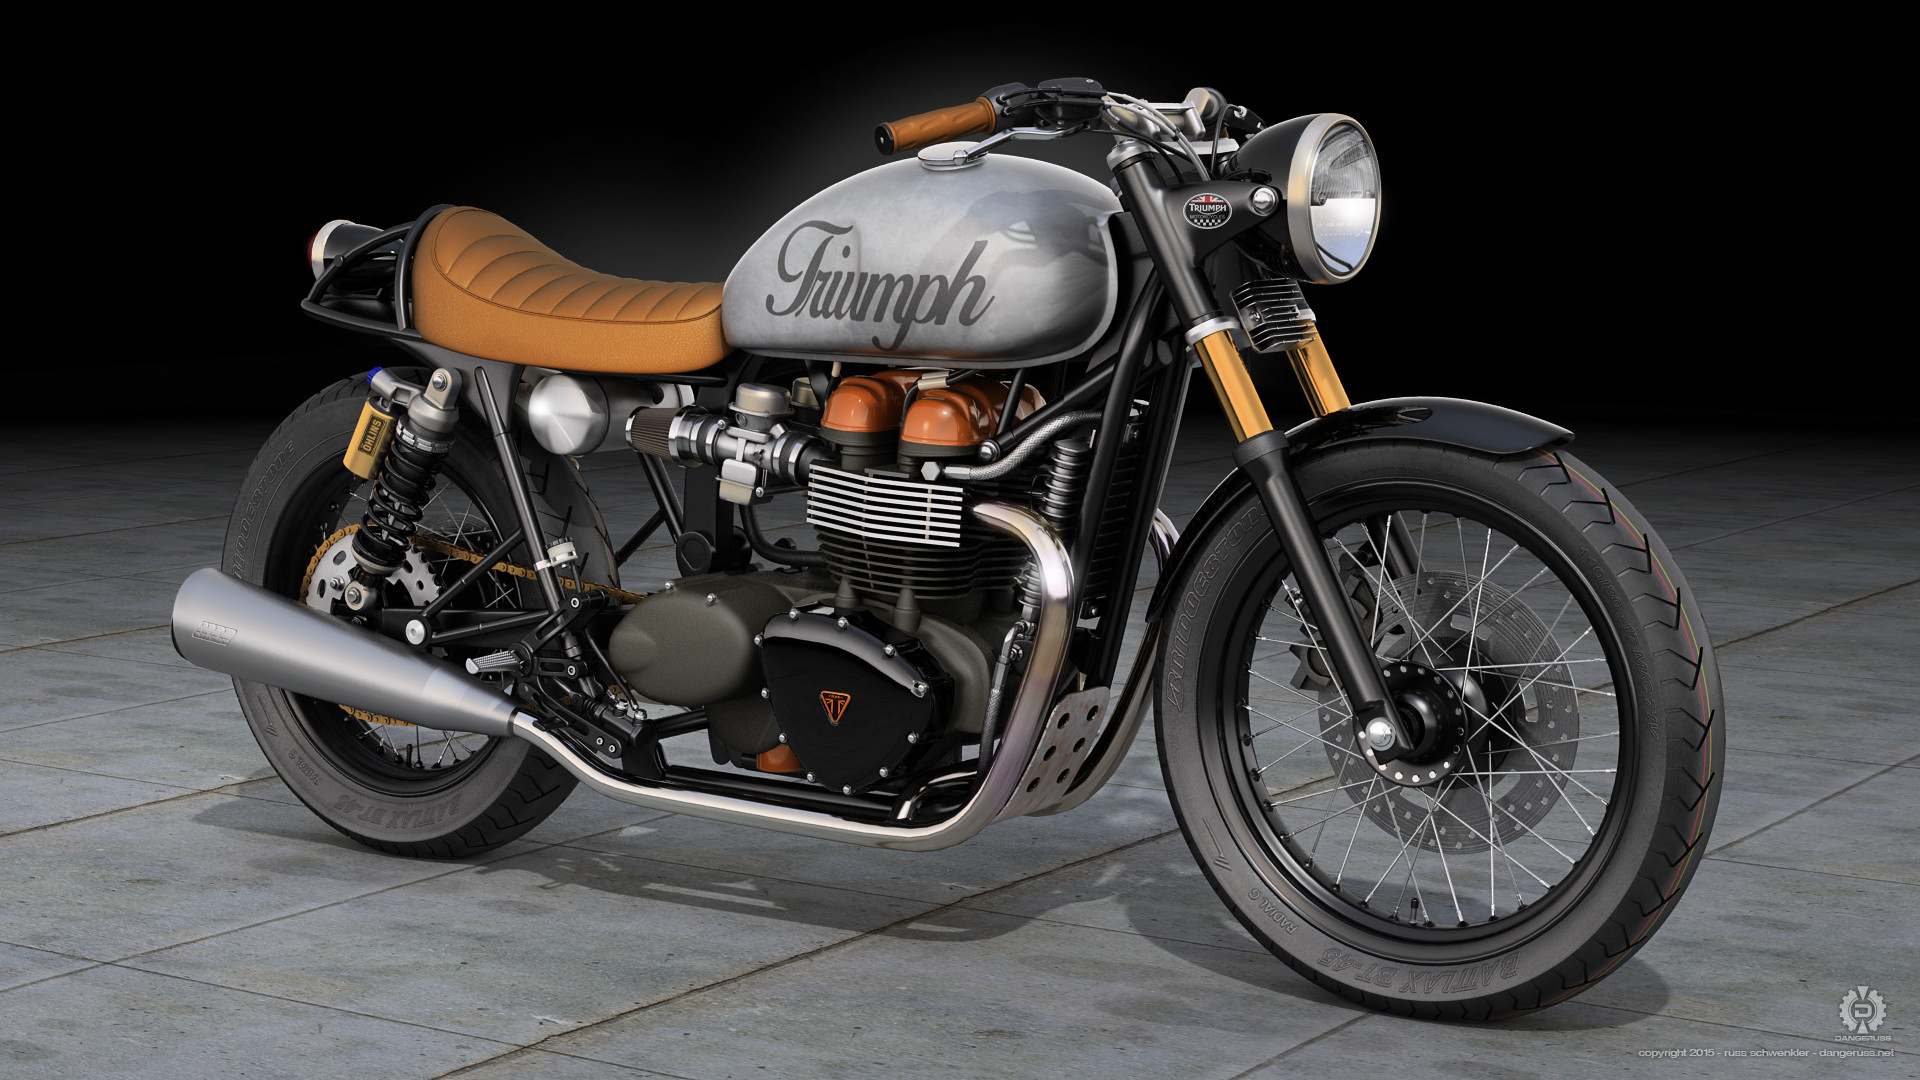 Triumph Bonneville Cafe Racer by dangeruss